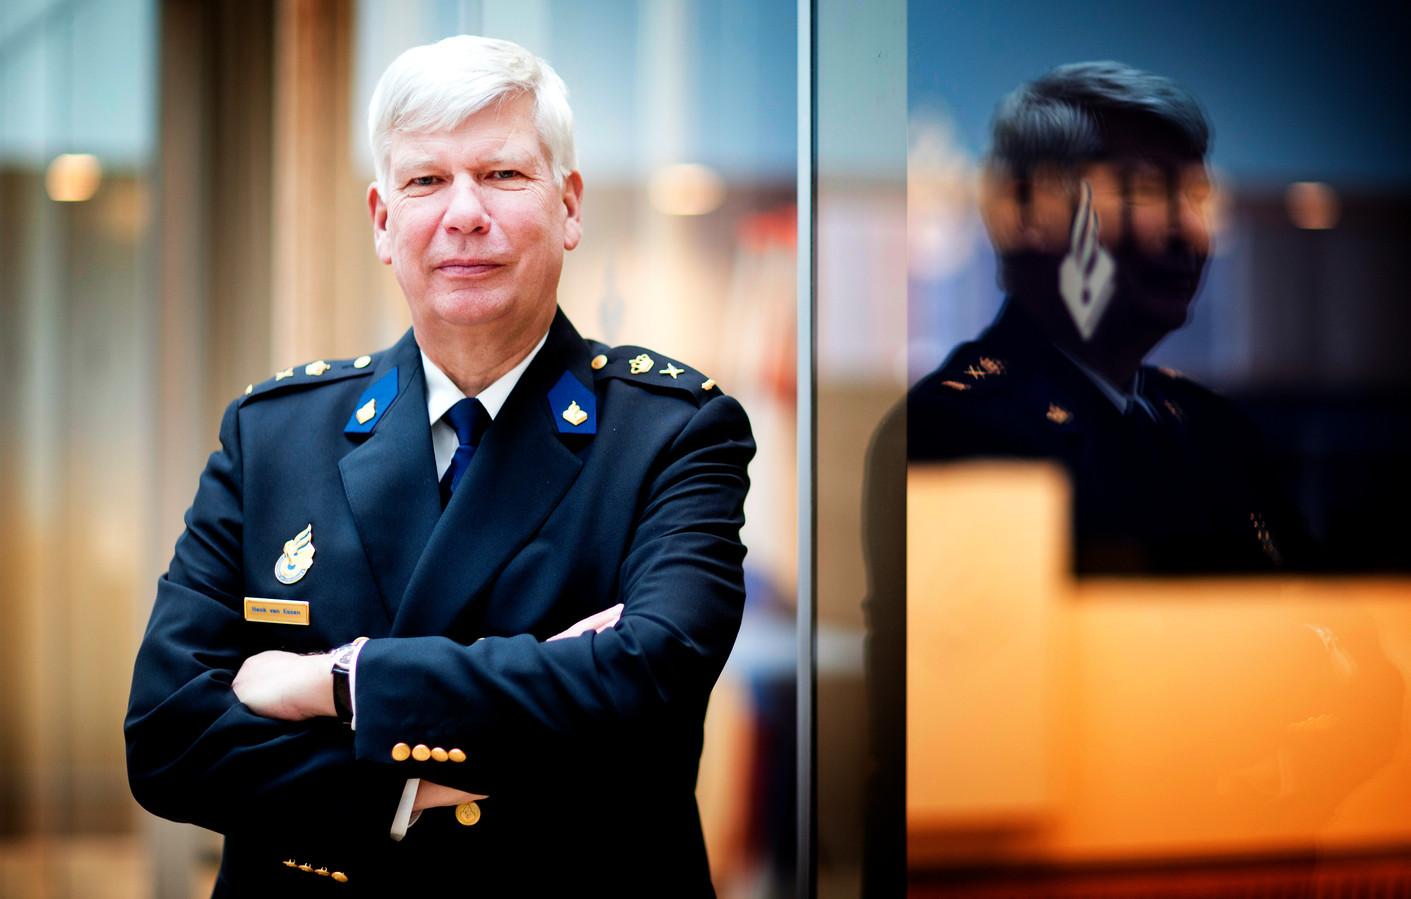 """Henk van Essen, Korpsleiding politie: ,,Het is heus niet allemaal hosanna bij de recherche, maar er gebeuren ook heel mooie dingen."""""""